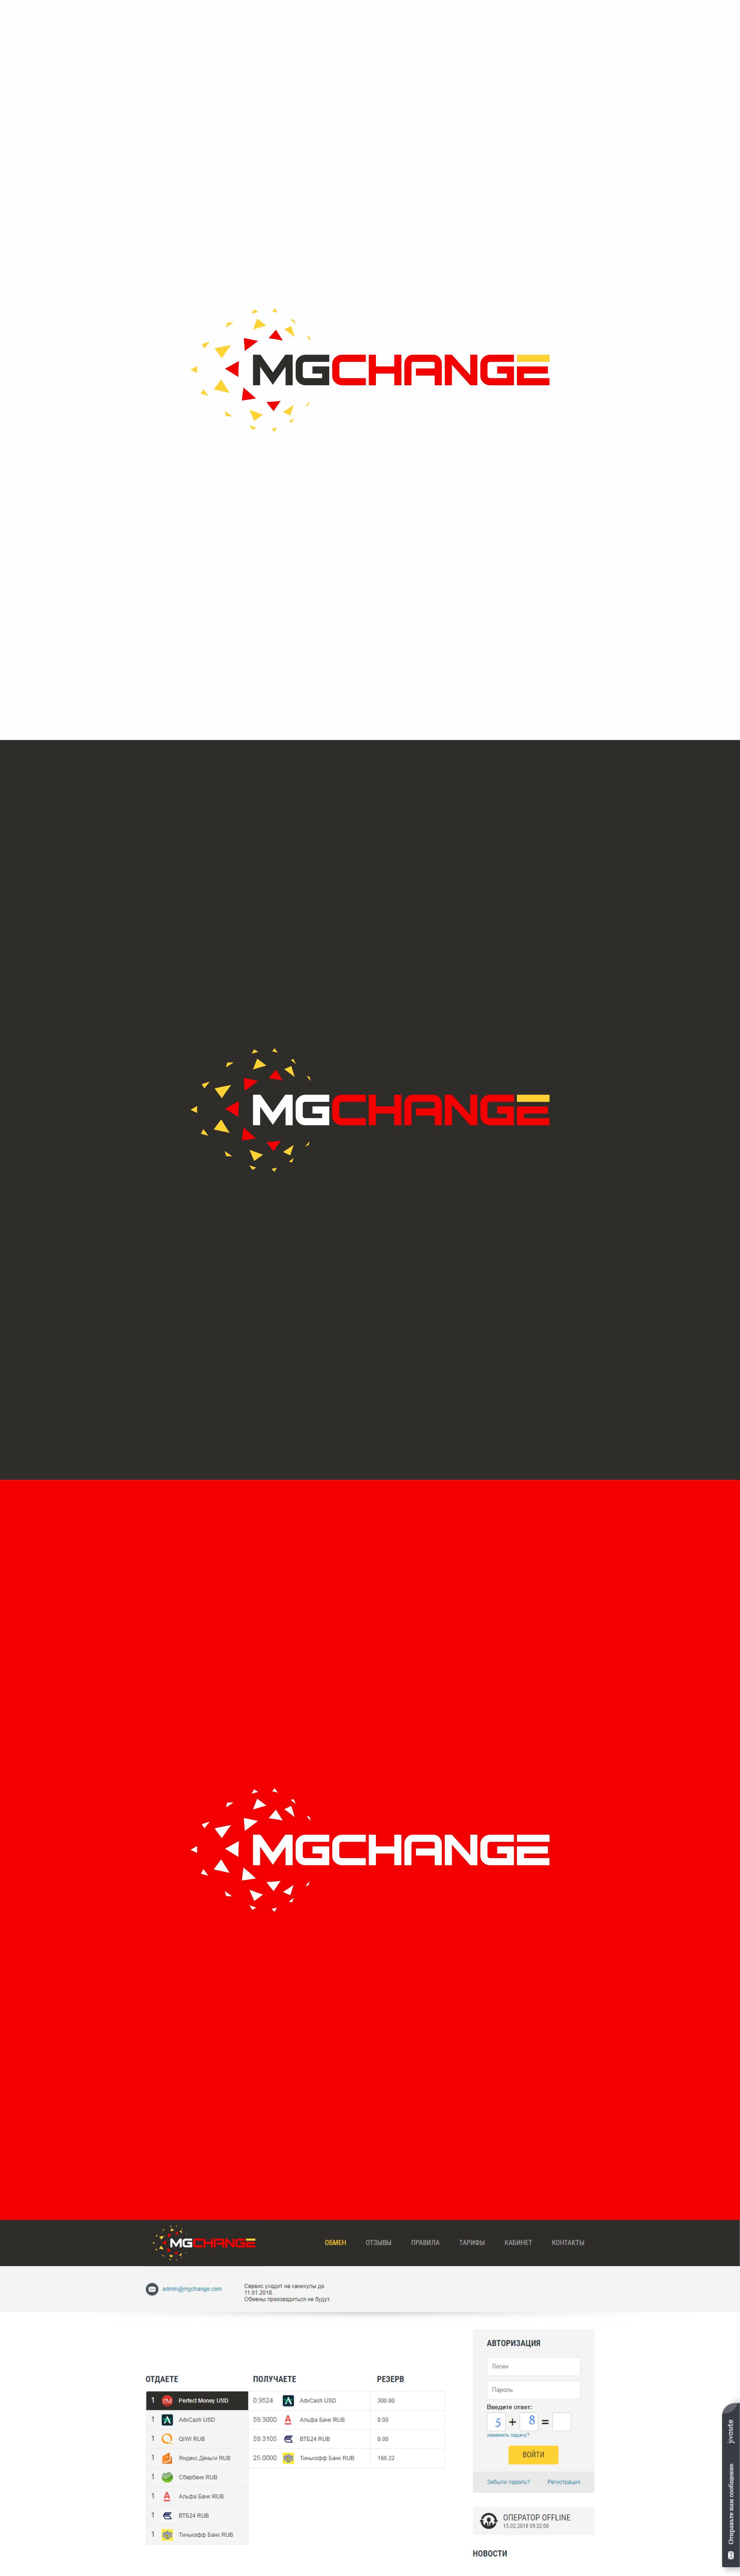 Разработка логотипа  фото f_8705a8537903f99c.jpg